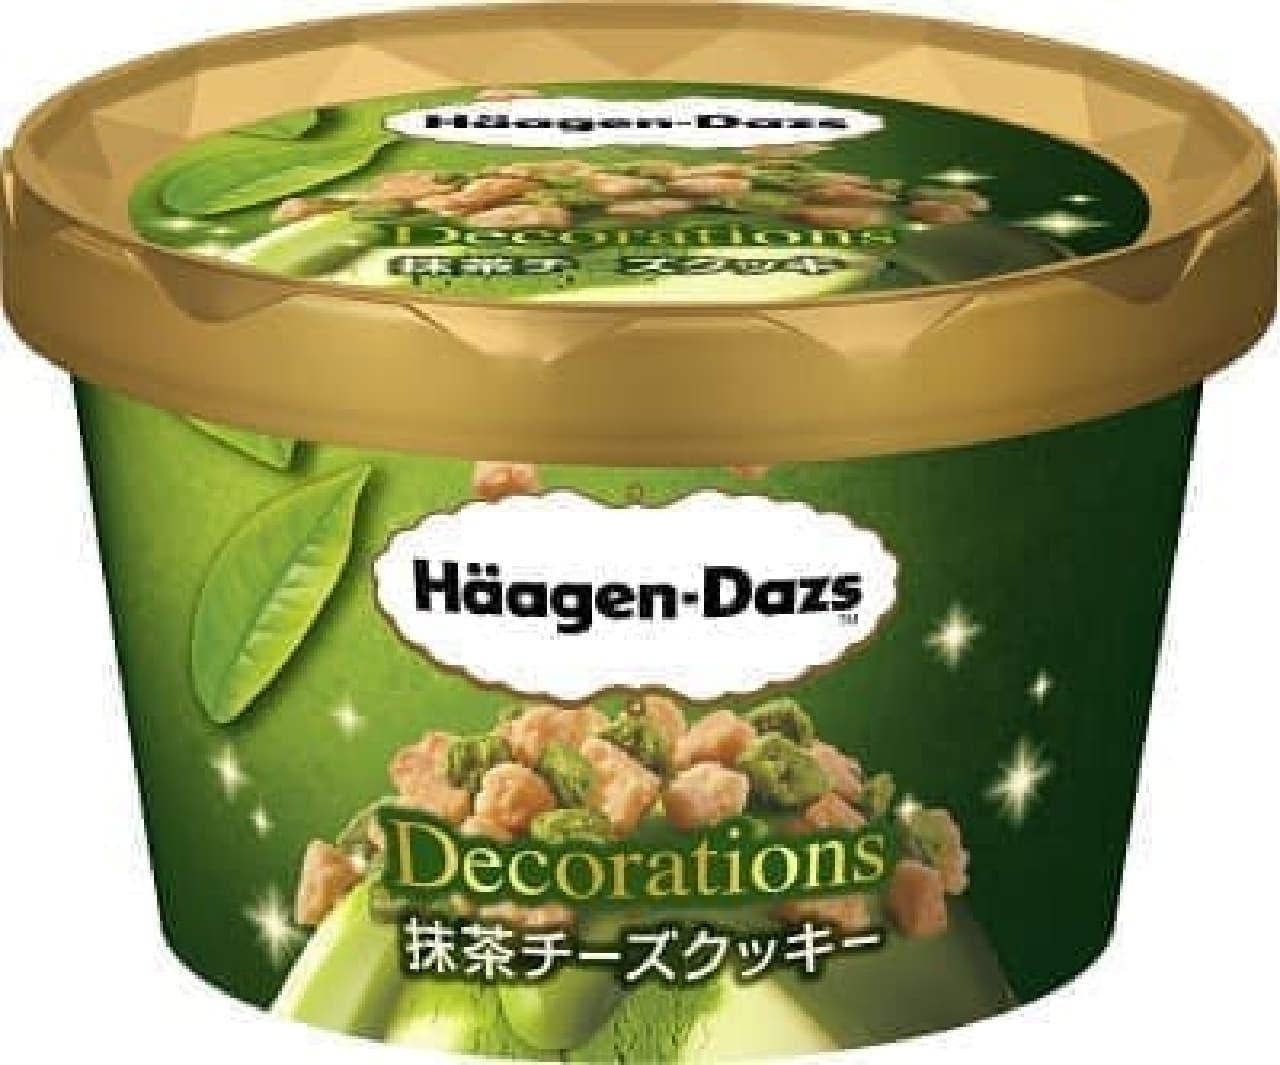 ハーゲンダッツ デコレーションズ 抹茶チーズクッキー